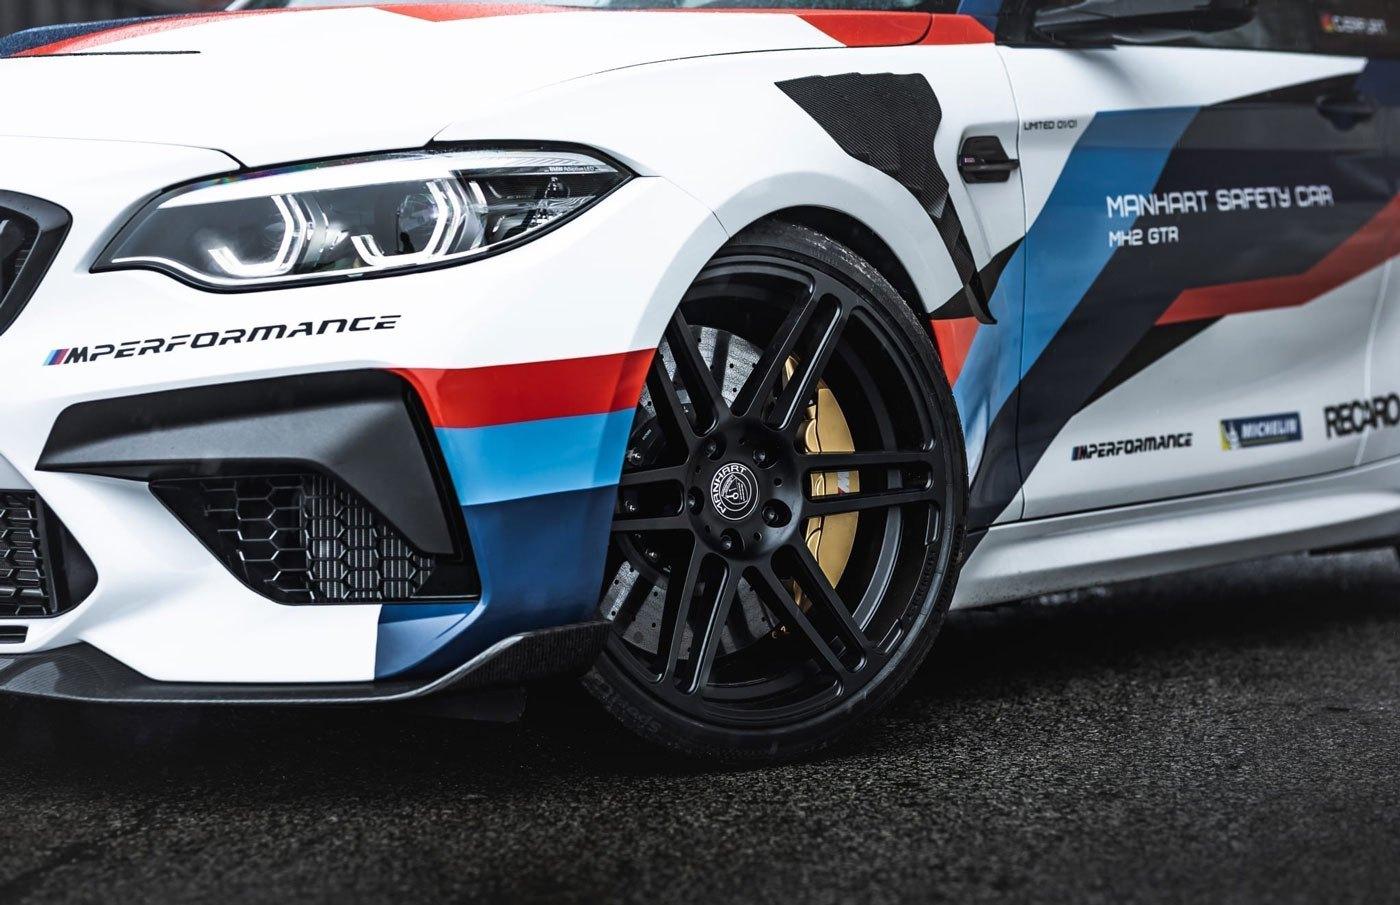 BMW-M2-Manhart-MH2-GTR-8